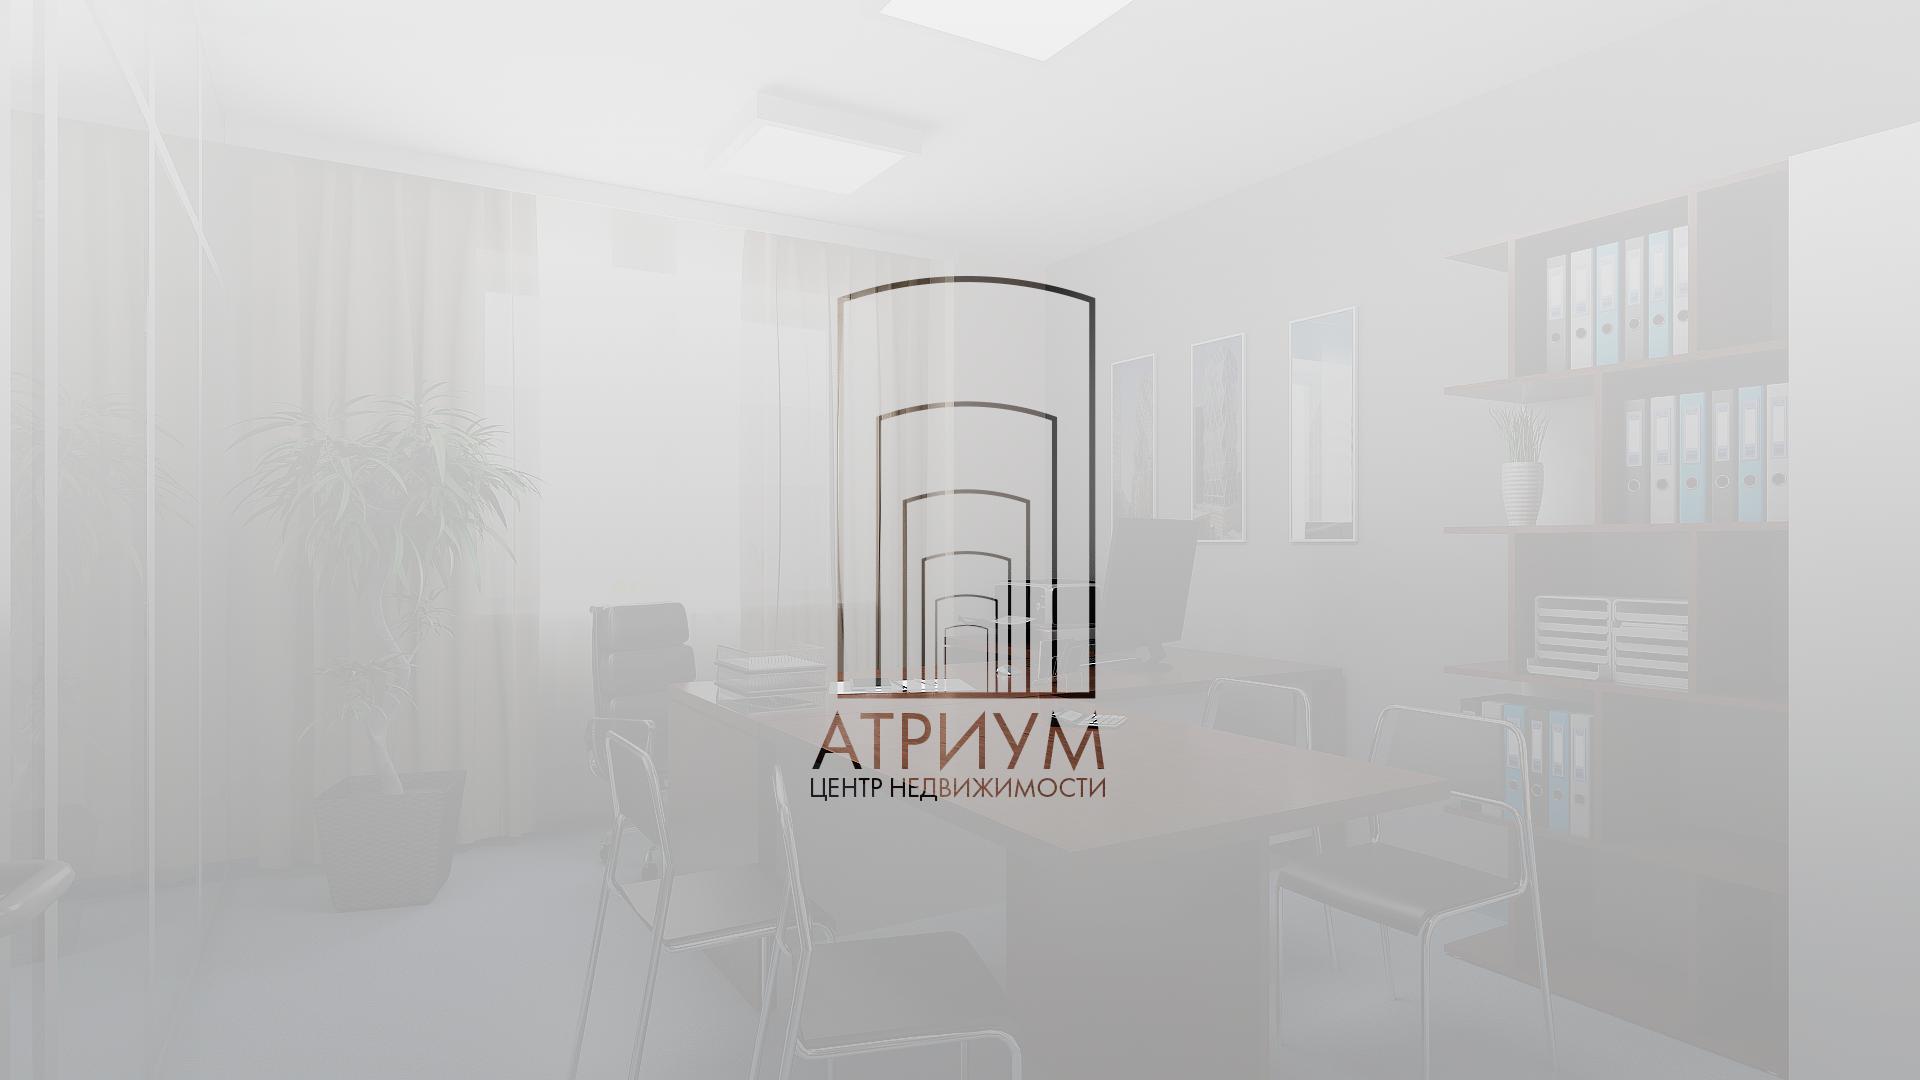 Редизайн / модернизация логотипа Центра недвижимости фото f_8795bc3c76526f68.png